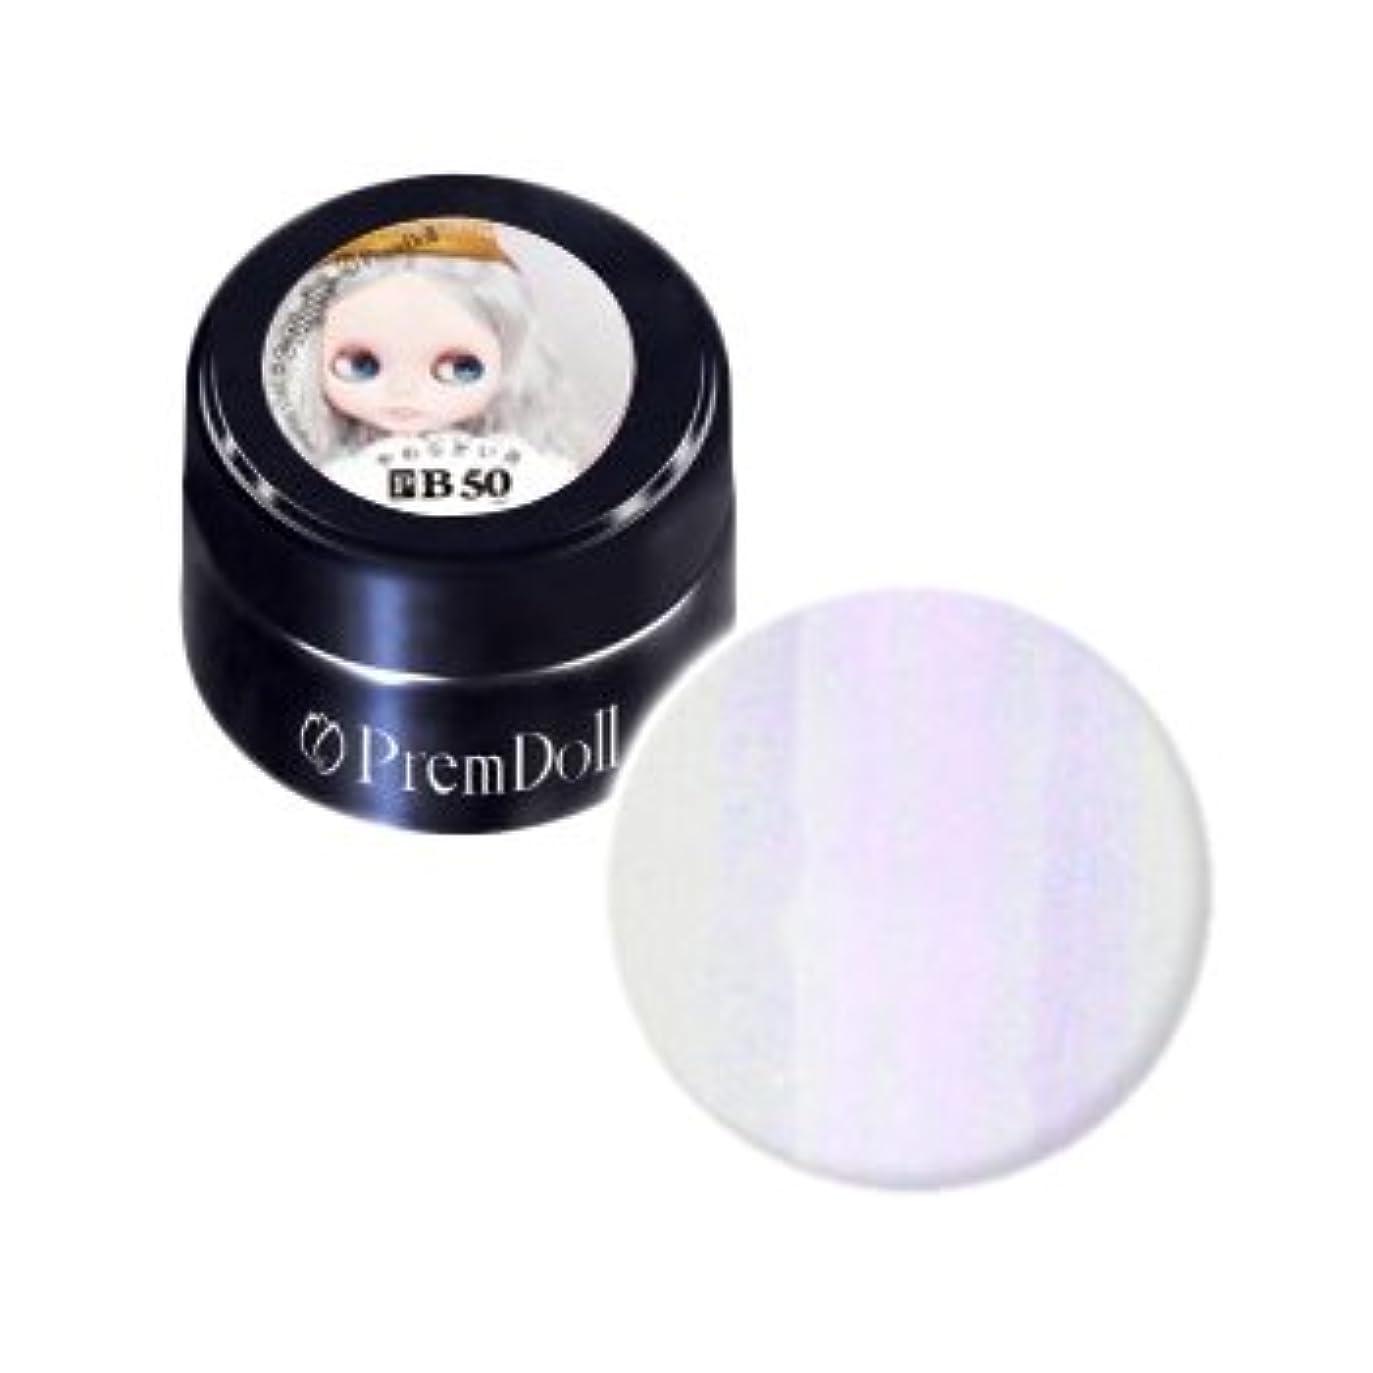 城小切手使役【PREGEL】プリムドール やわらかい月 / DOLL-B50 【UV&LED】 [Blytheコラボシリーズ第5弾全12色]プリジェル ジェルネイル用品 カラージェル